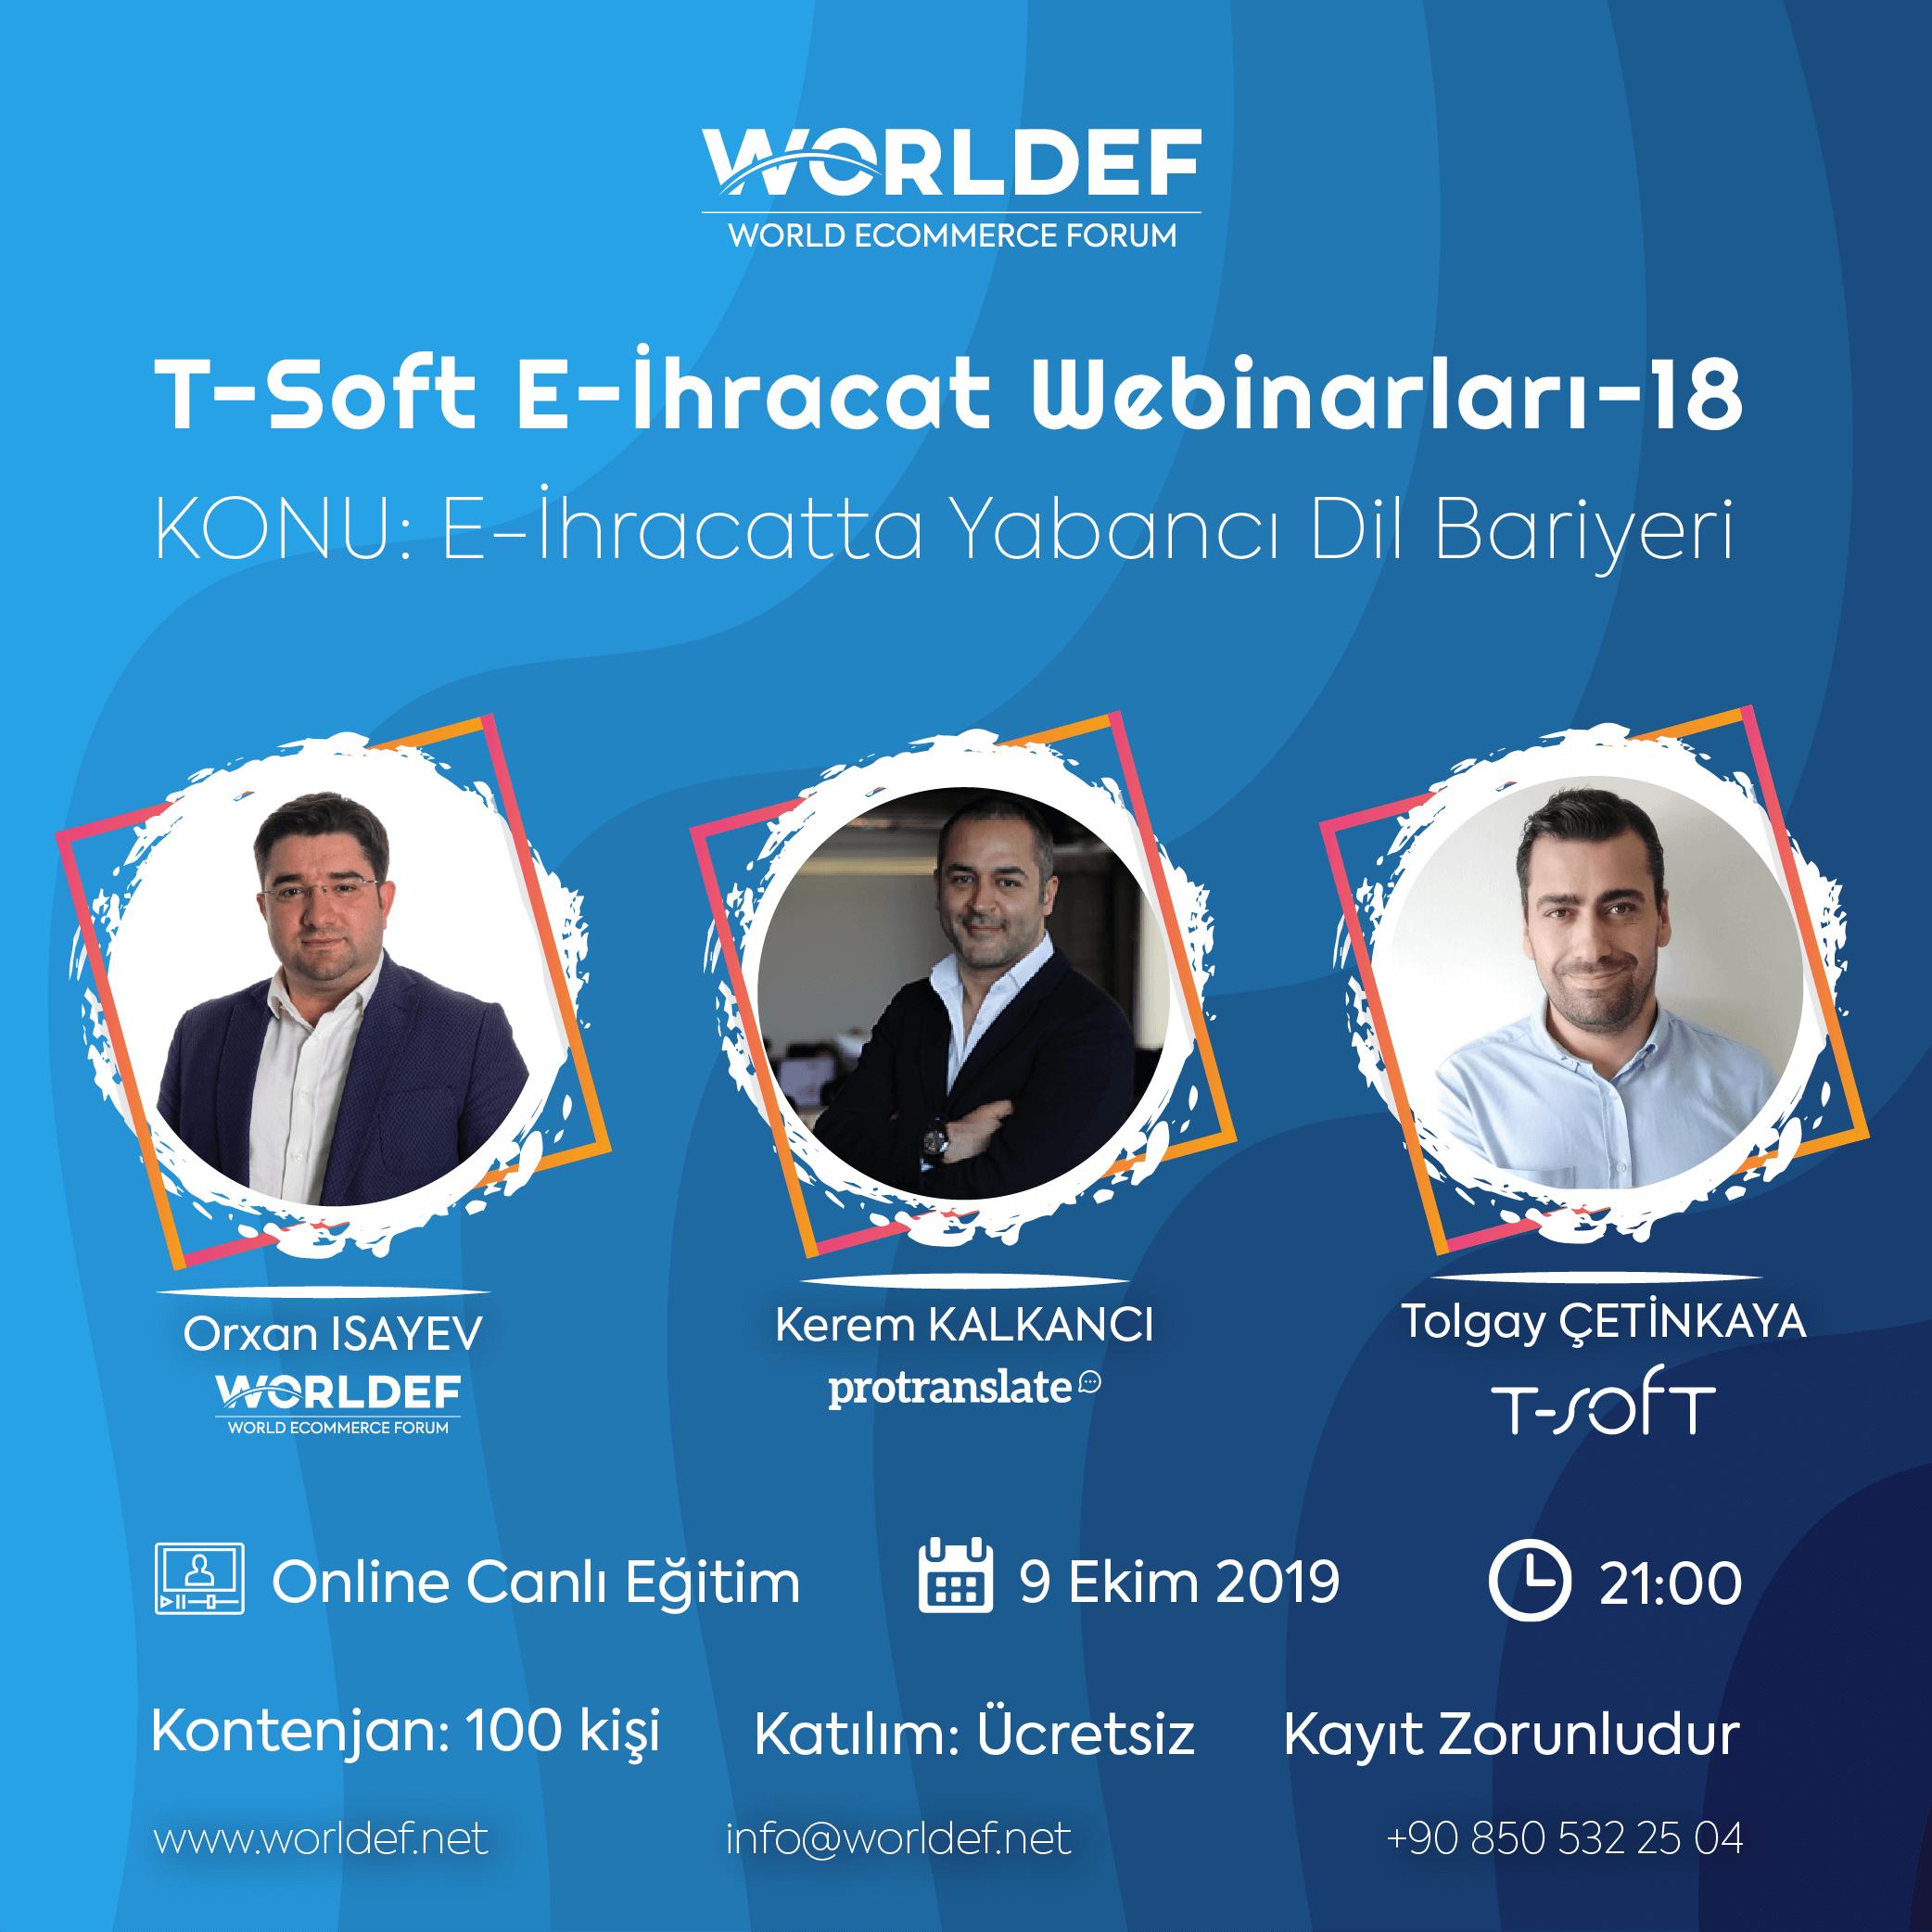 During the week of cross-border e-commerce webinars, we will host Protranslate's founder and CEO Kerem Kalkancı.